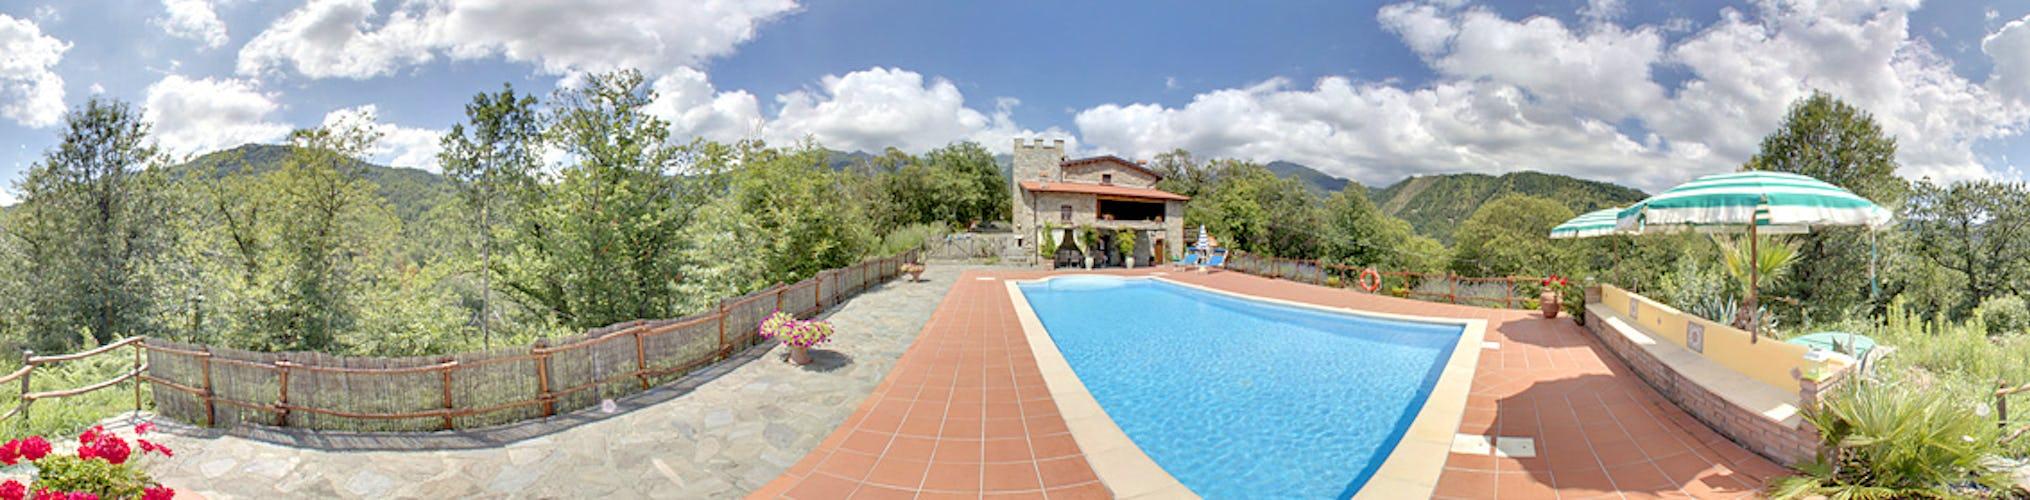 Silenzio e privacy regnano presso la villa di Montecastello